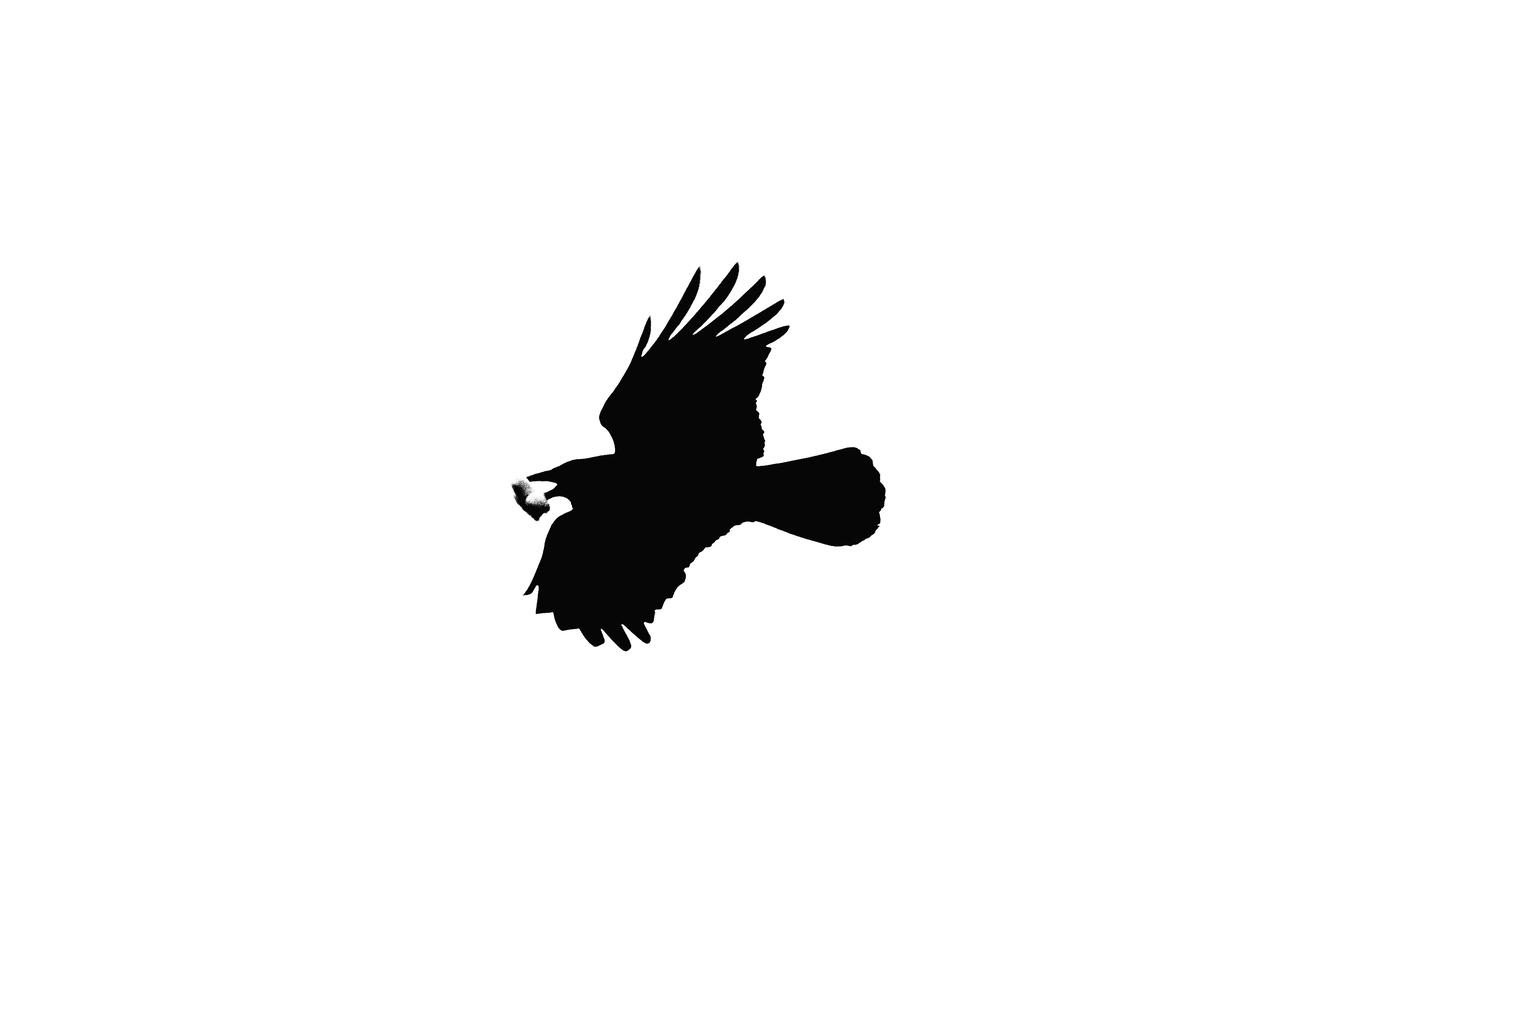 Stukje brood - Deze vogel met ik denk een stukje brood in de bek had wat weinig tekening . Vandaar gekozen voor een monochrome bewerking die alles geheel zwart of w - foto door PaulvanVliet op 11-04-2021 - deze foto bevat: zwart wit, monochroom, vogel, brood, noord aa, zoetermeer, bewerking, eten, vlucht, vogel, accipitridae, bek, zee arend, adelaar, falconiformes, veer, amerikaanse zeearend, lucht, roofvogel